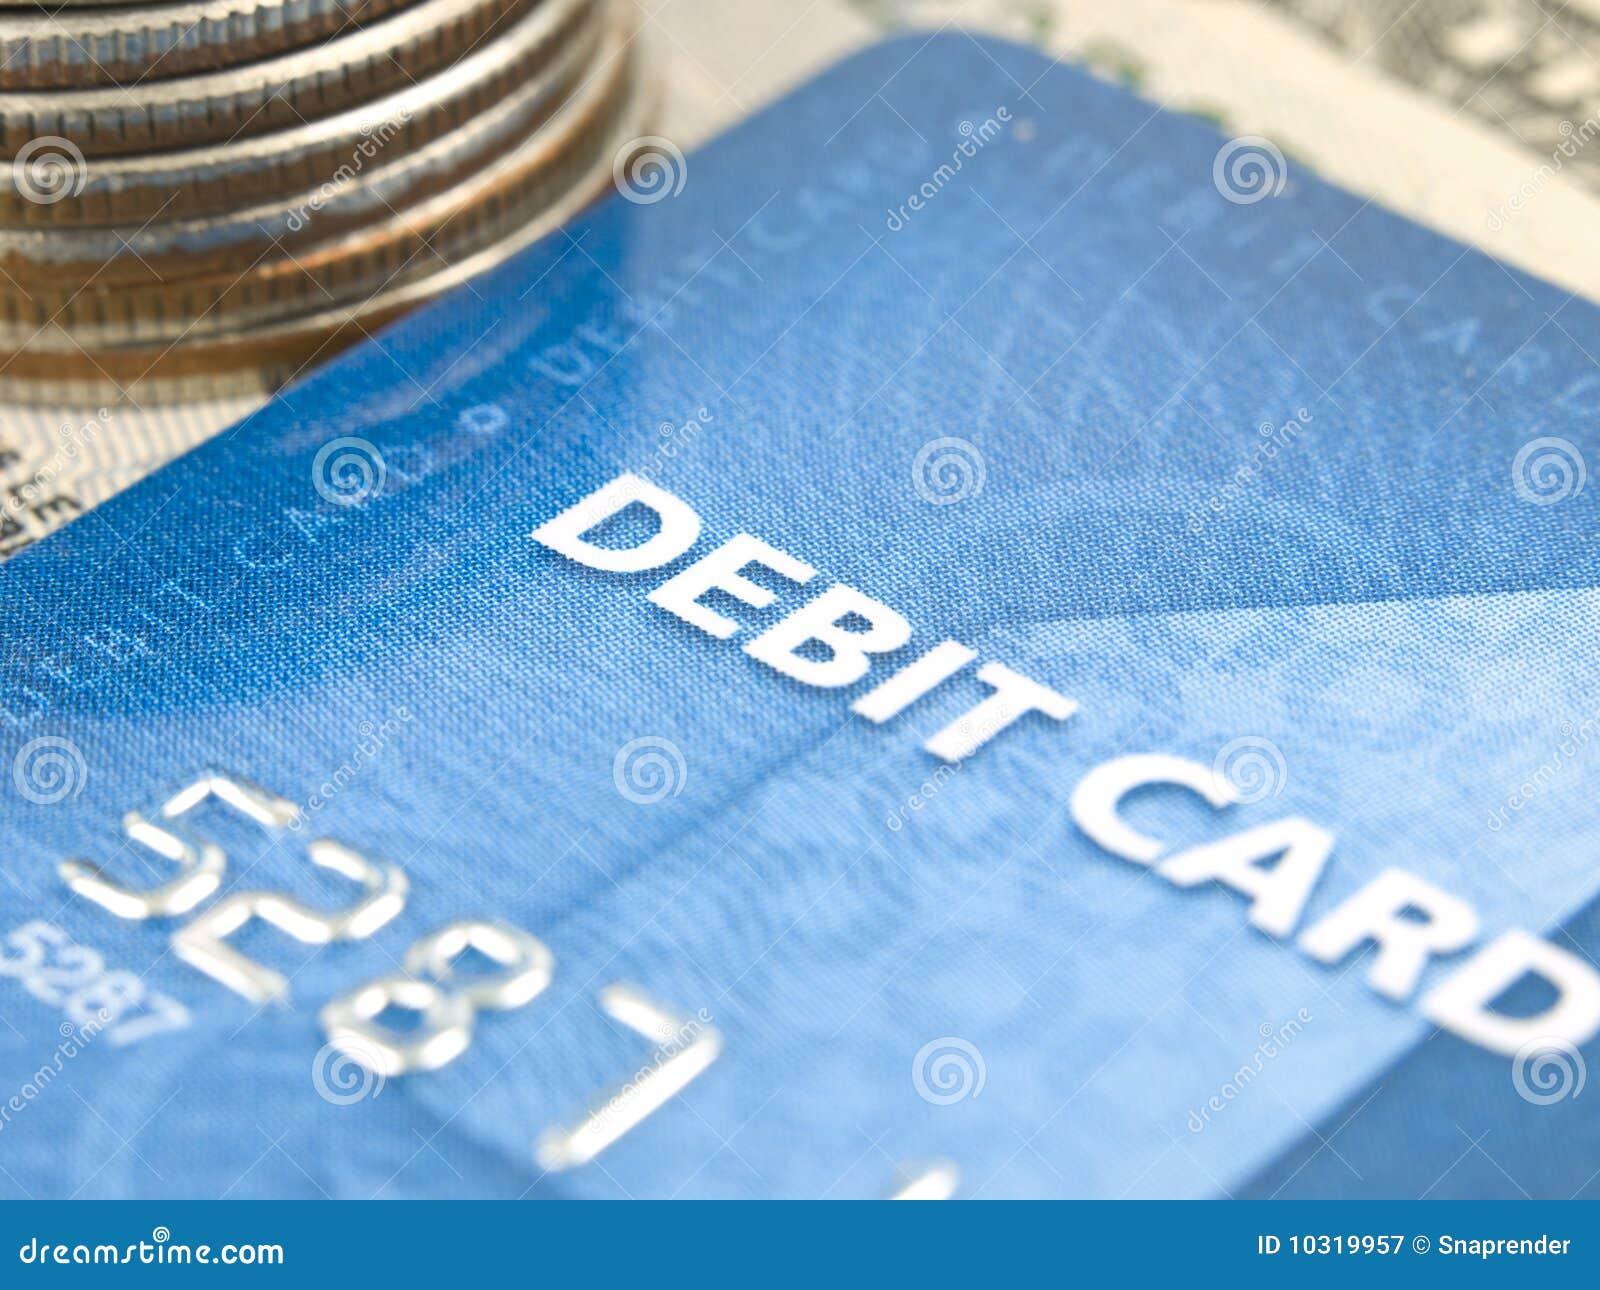 Narrow focus of debit card